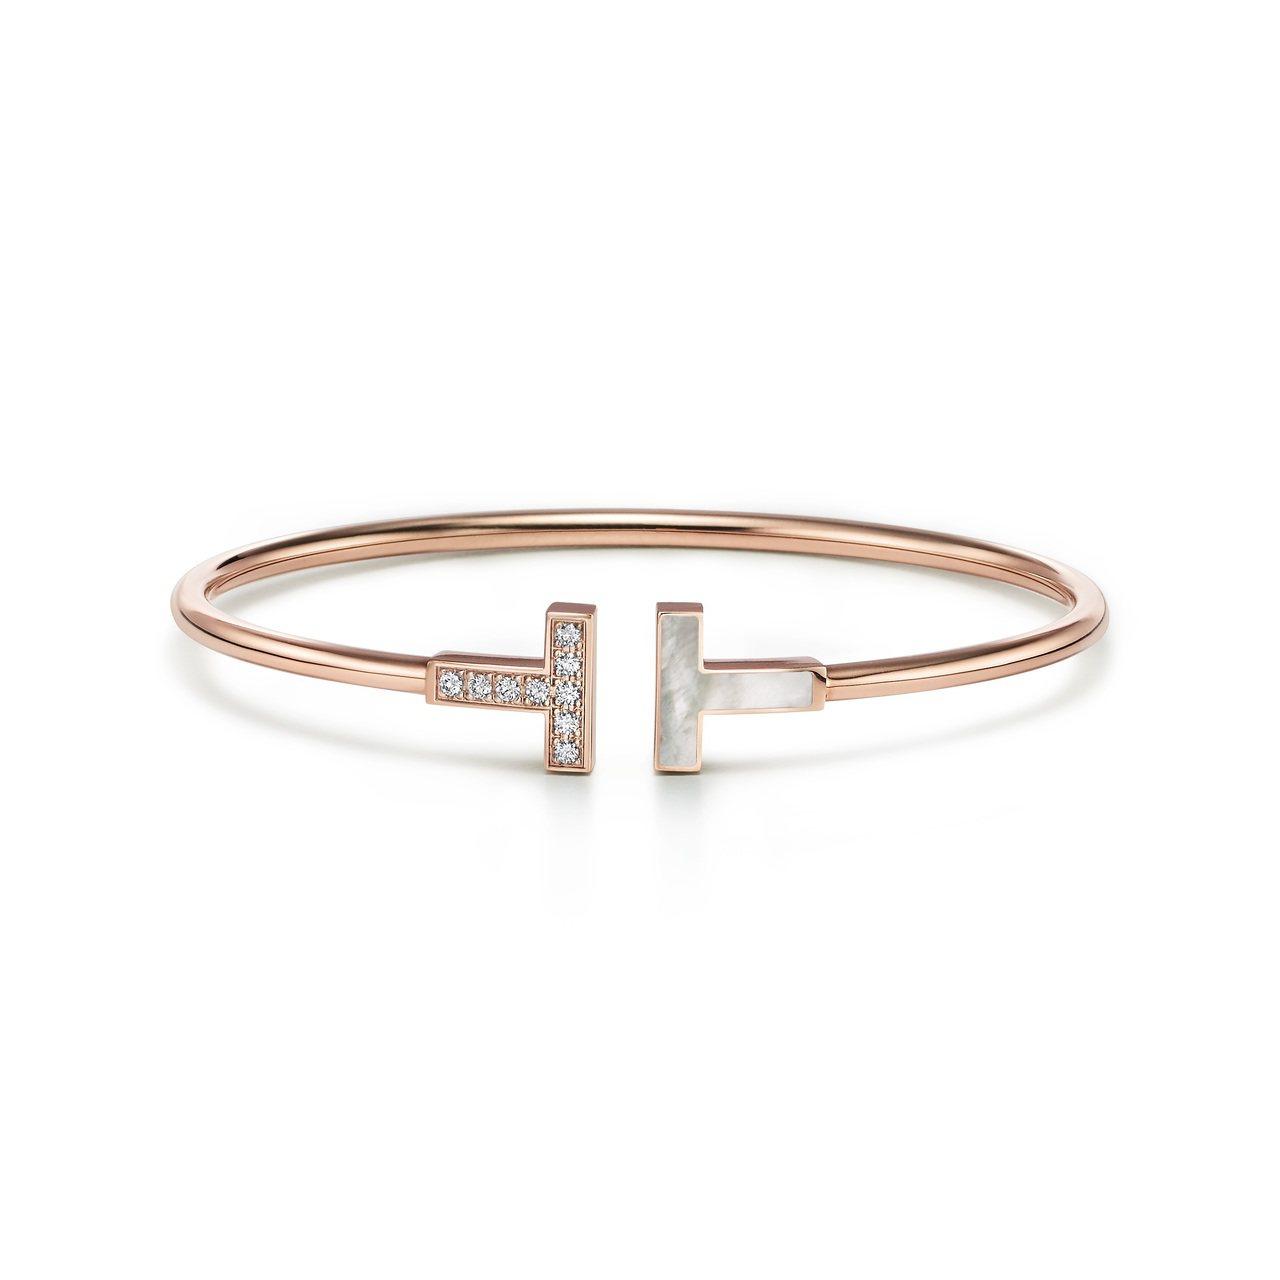 Tiffany T Wire 18K玫瑰金鑲嵌珍珠母貝與鑽石手環,約92,000...